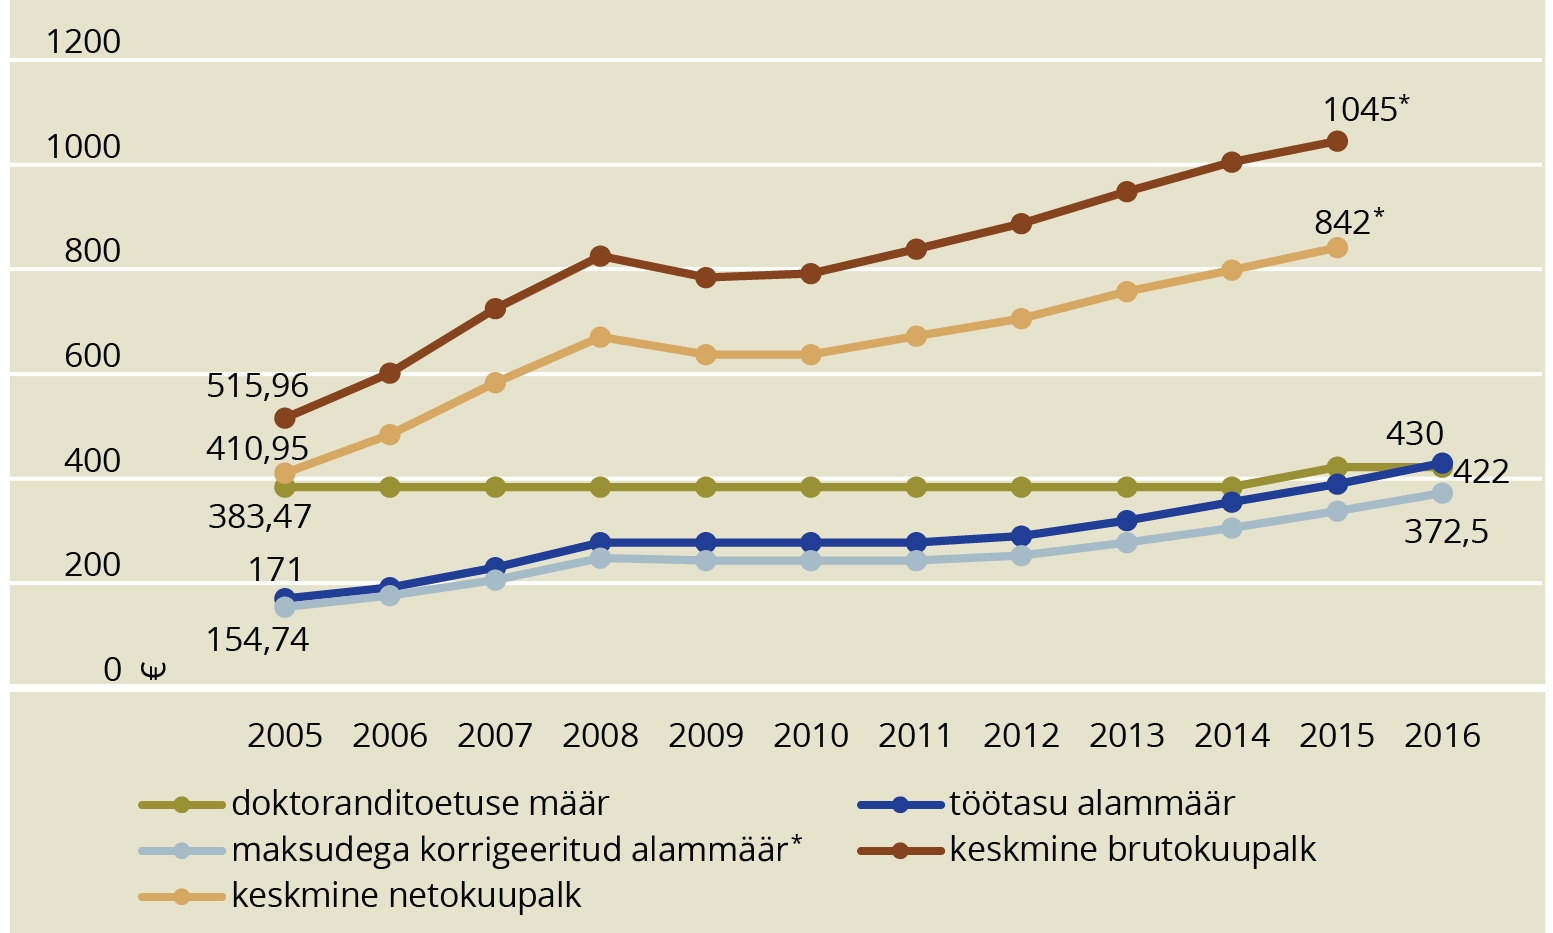 JOONIS 4. Doktoranditoetuse, keskmise palga ja töötasu alammäära muutused 2005–2016. Allikas: statistikaamet, haridus- ja teadusministeerium